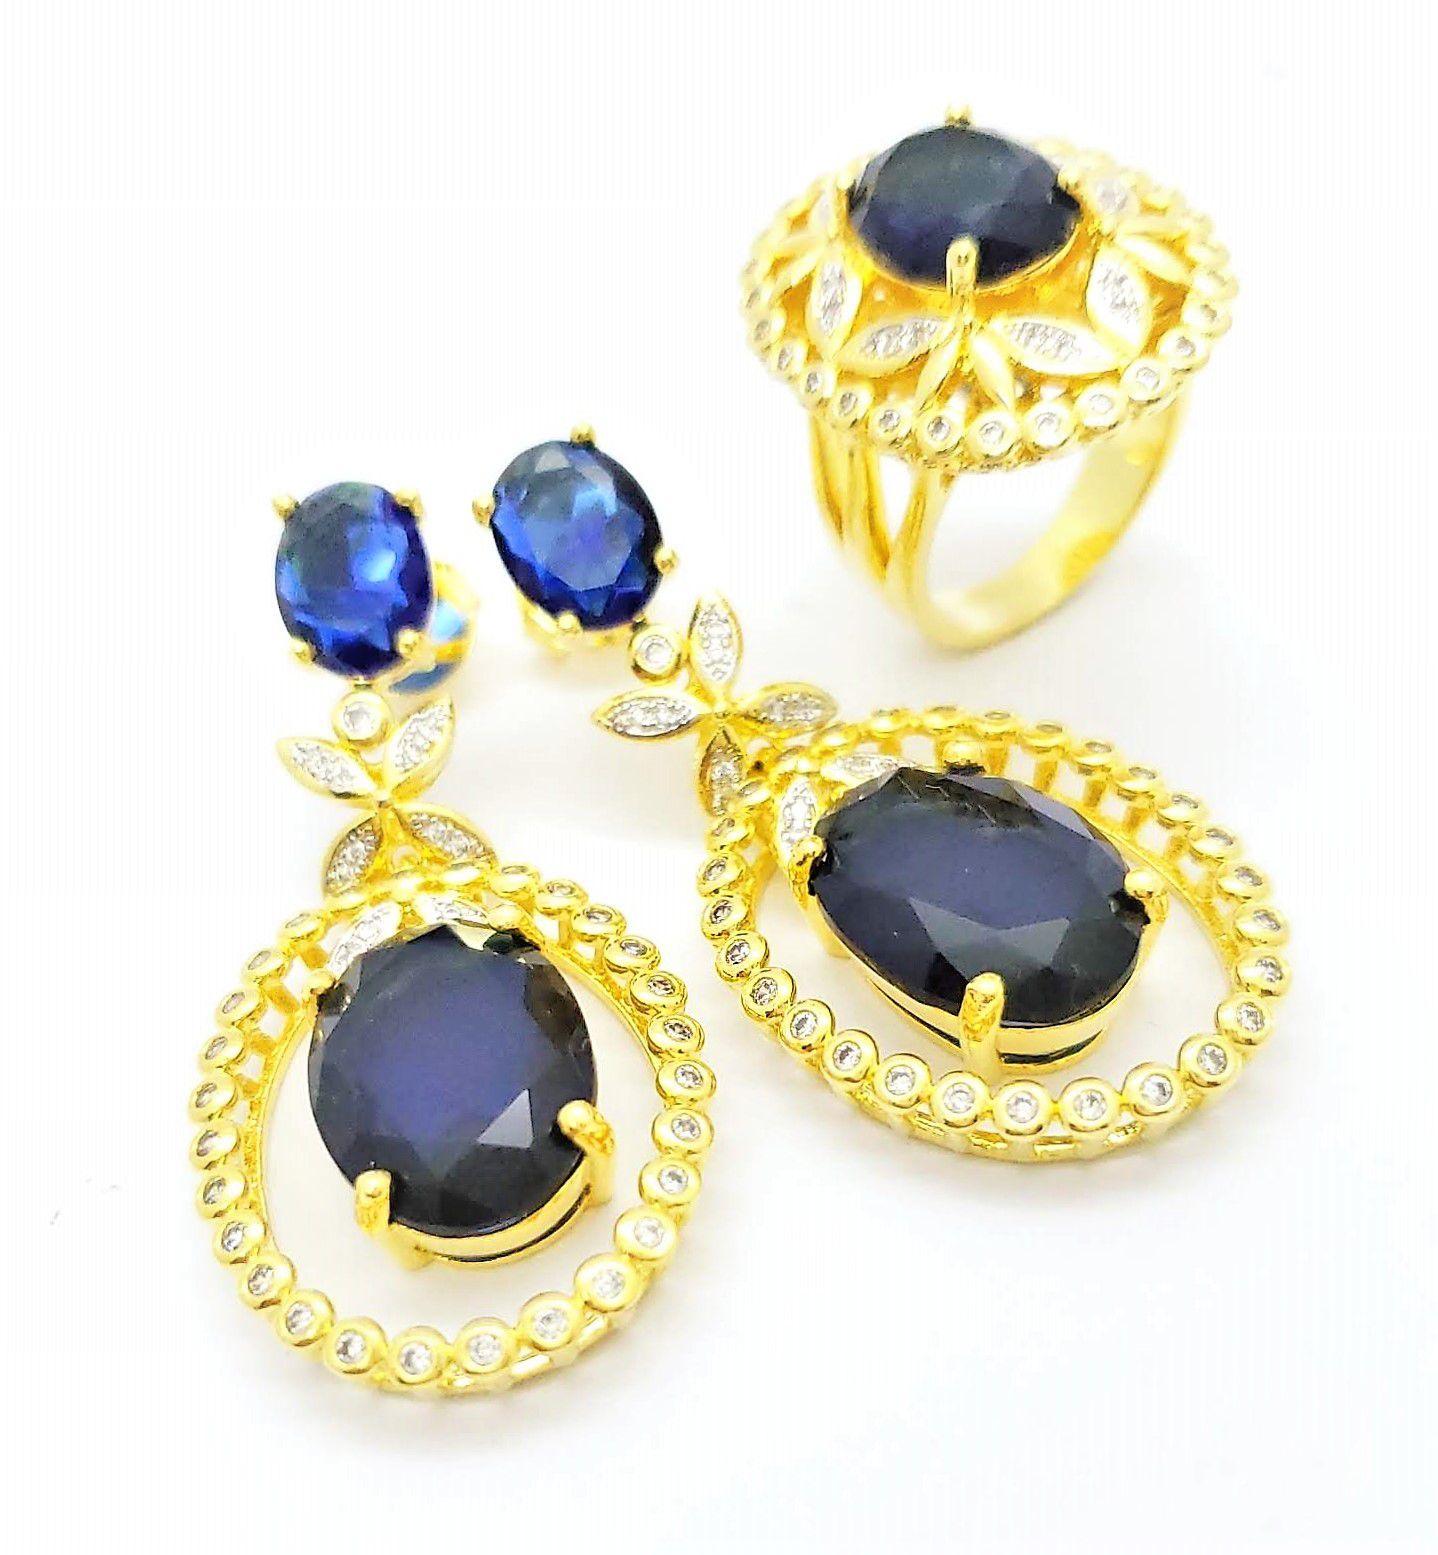 Anel E Brincos Azul Safira Cravejado Banho De Ouro 18k 3866 3867